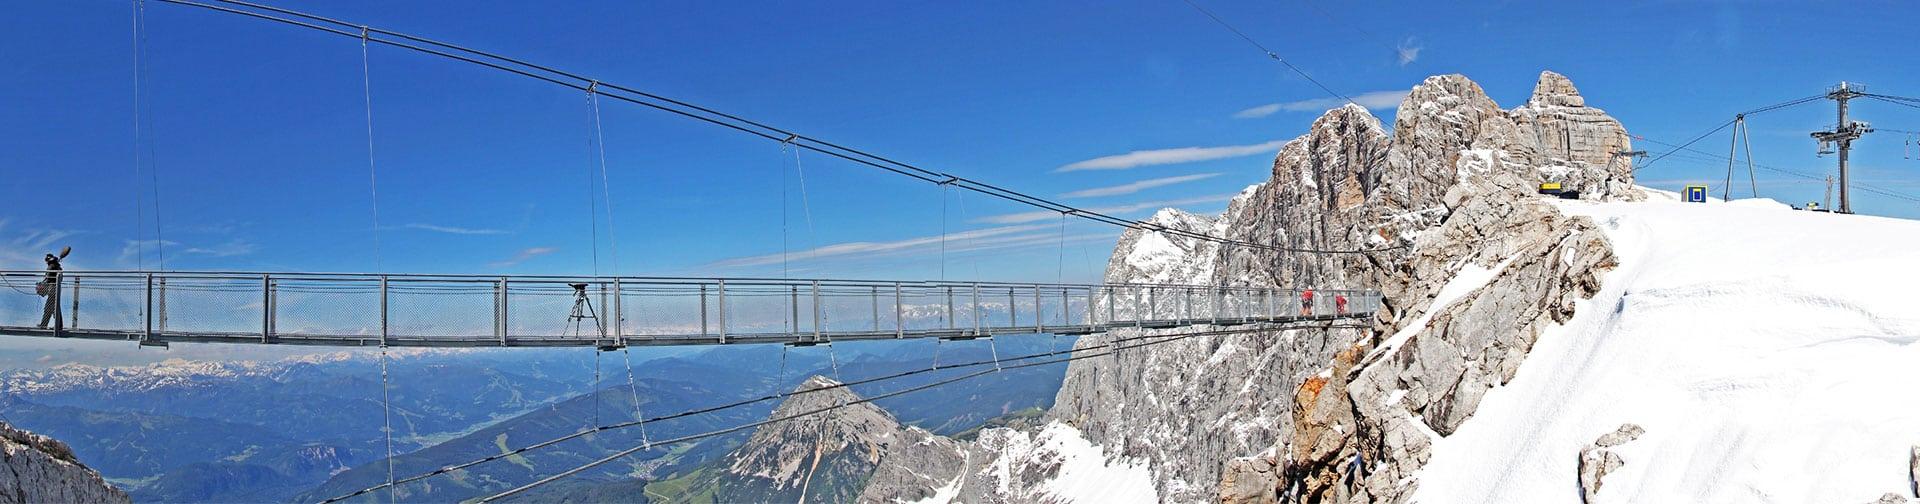 Hängebrücke - Dachstein-Gletscher